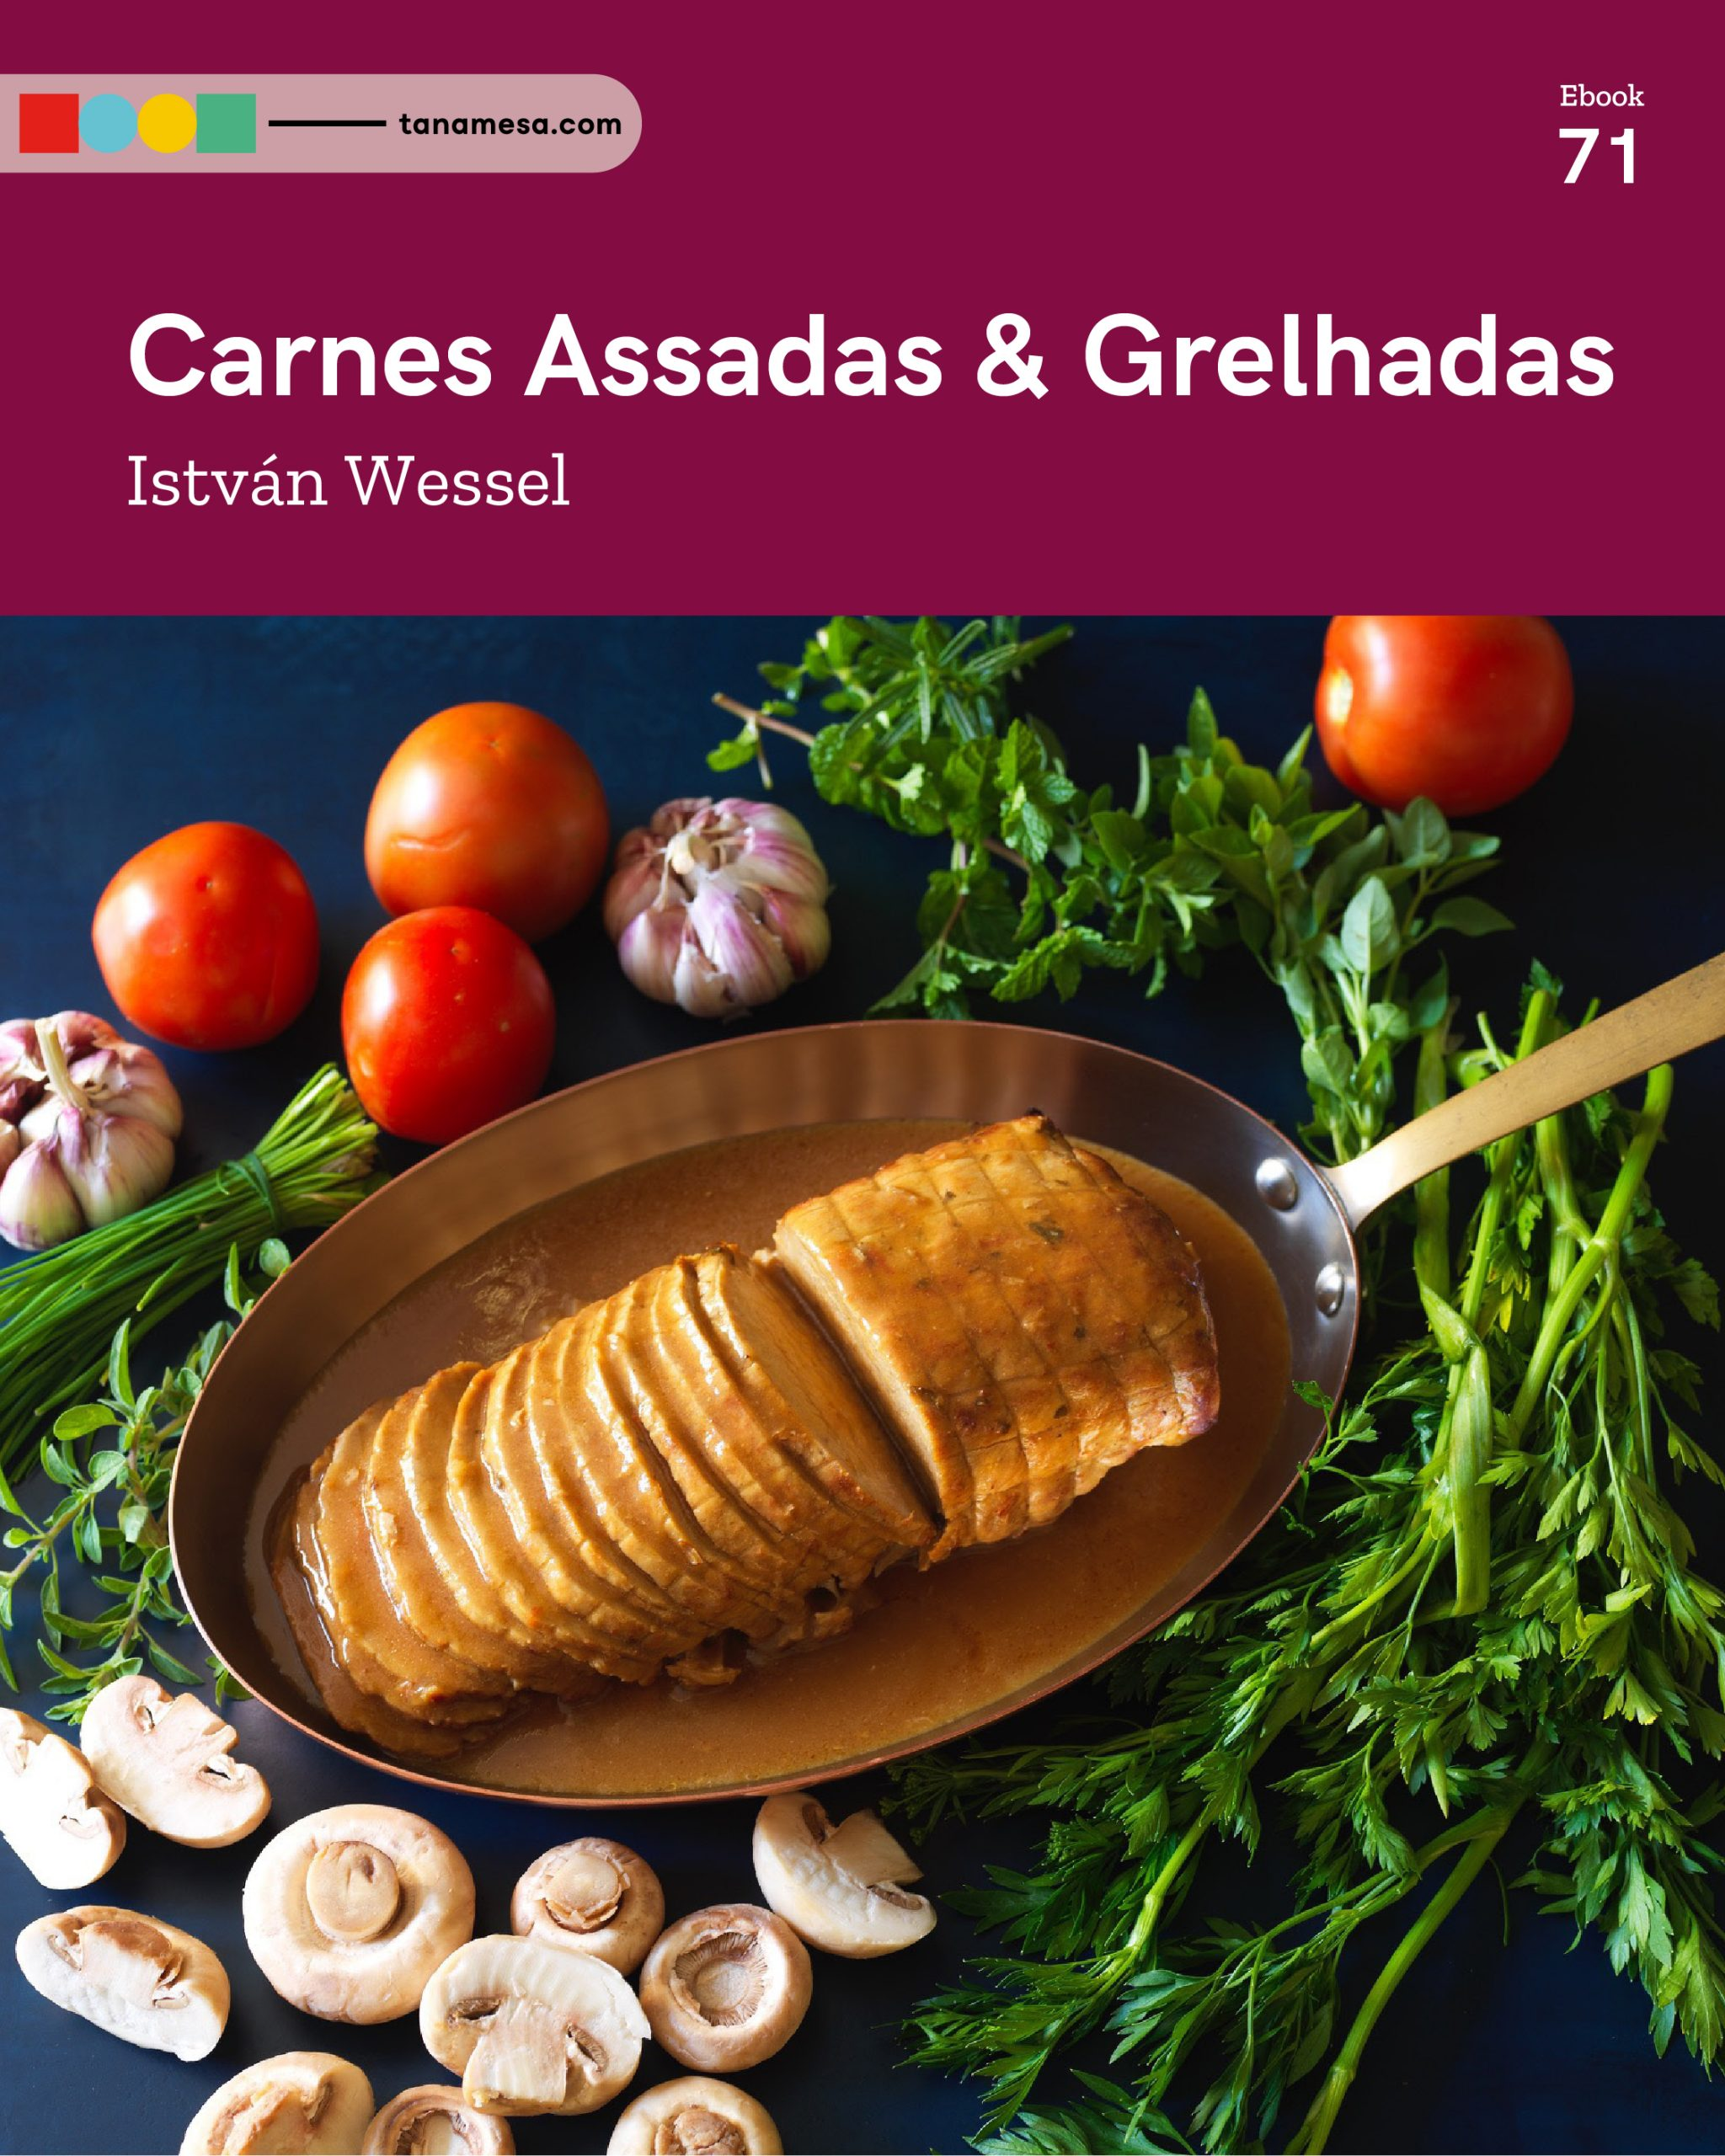 Carnes Assadas & Grelhadas